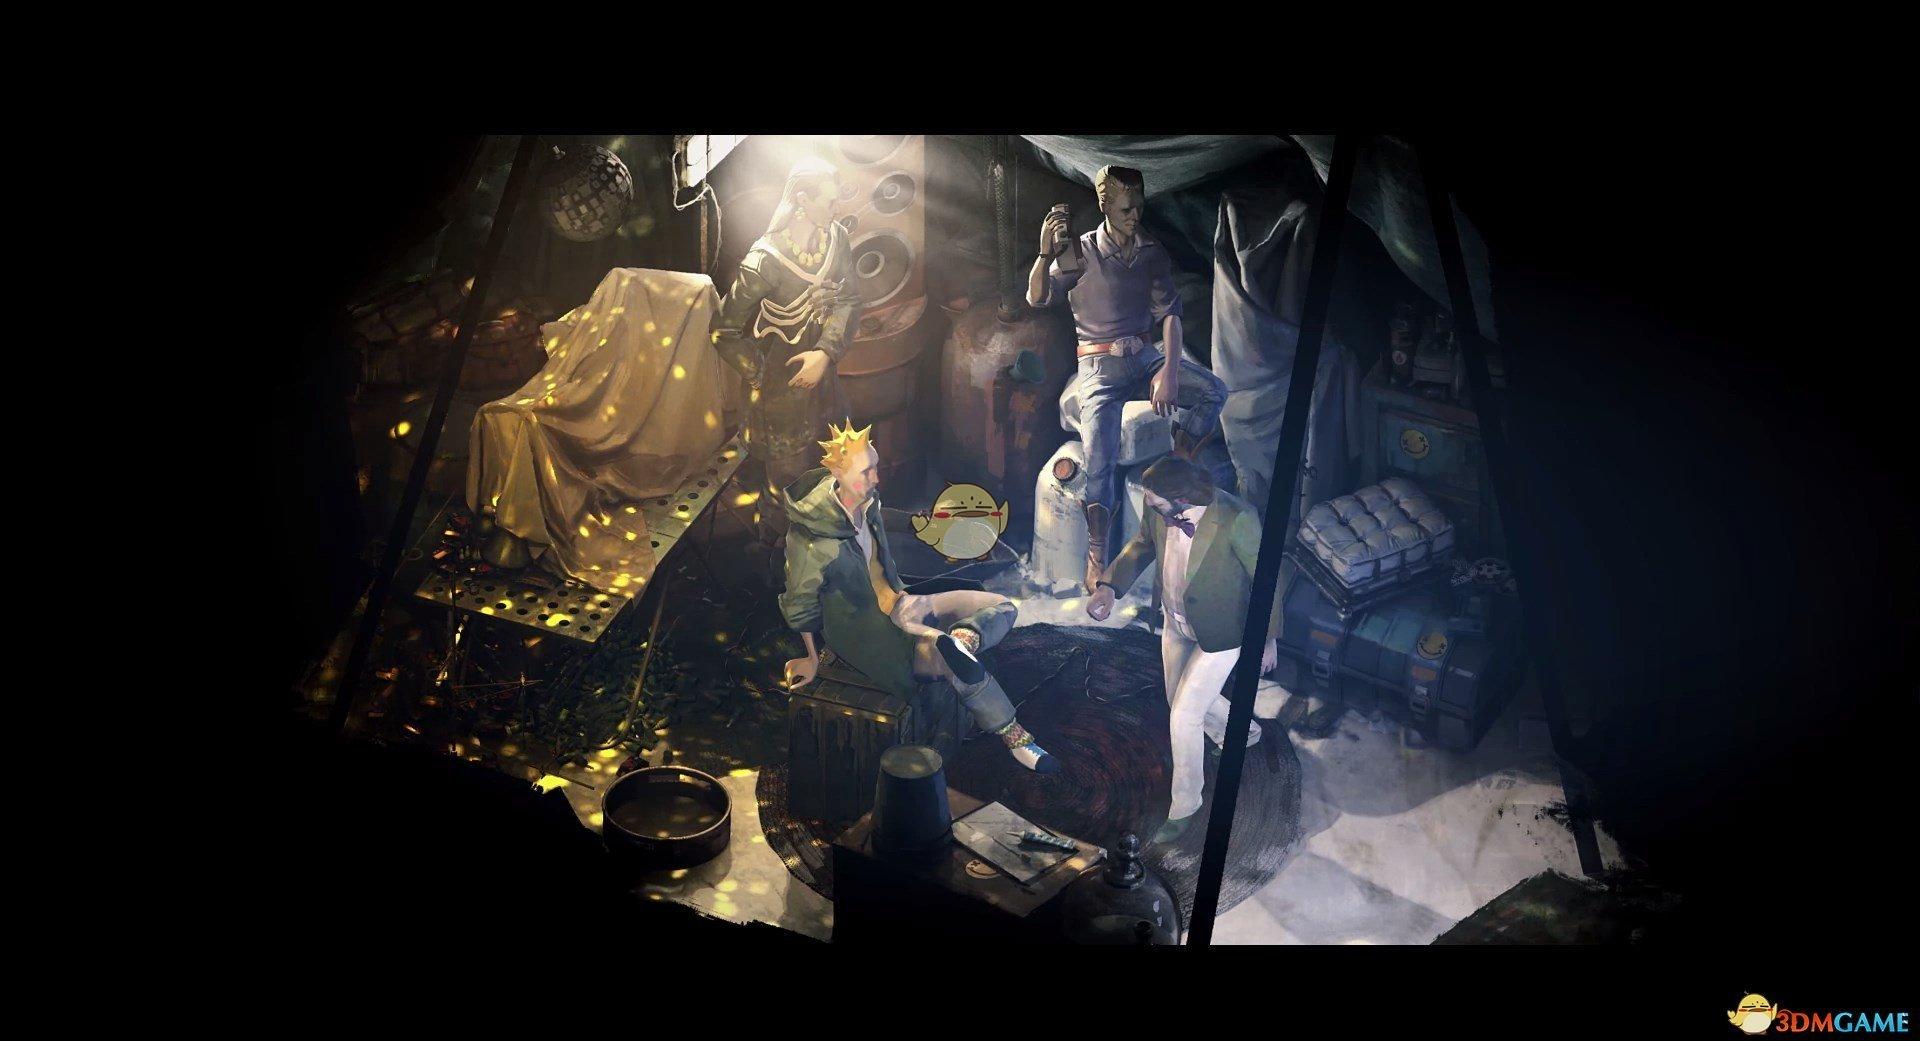 《极乐迪斯科》普莱桑斯NPC身份背景介绍